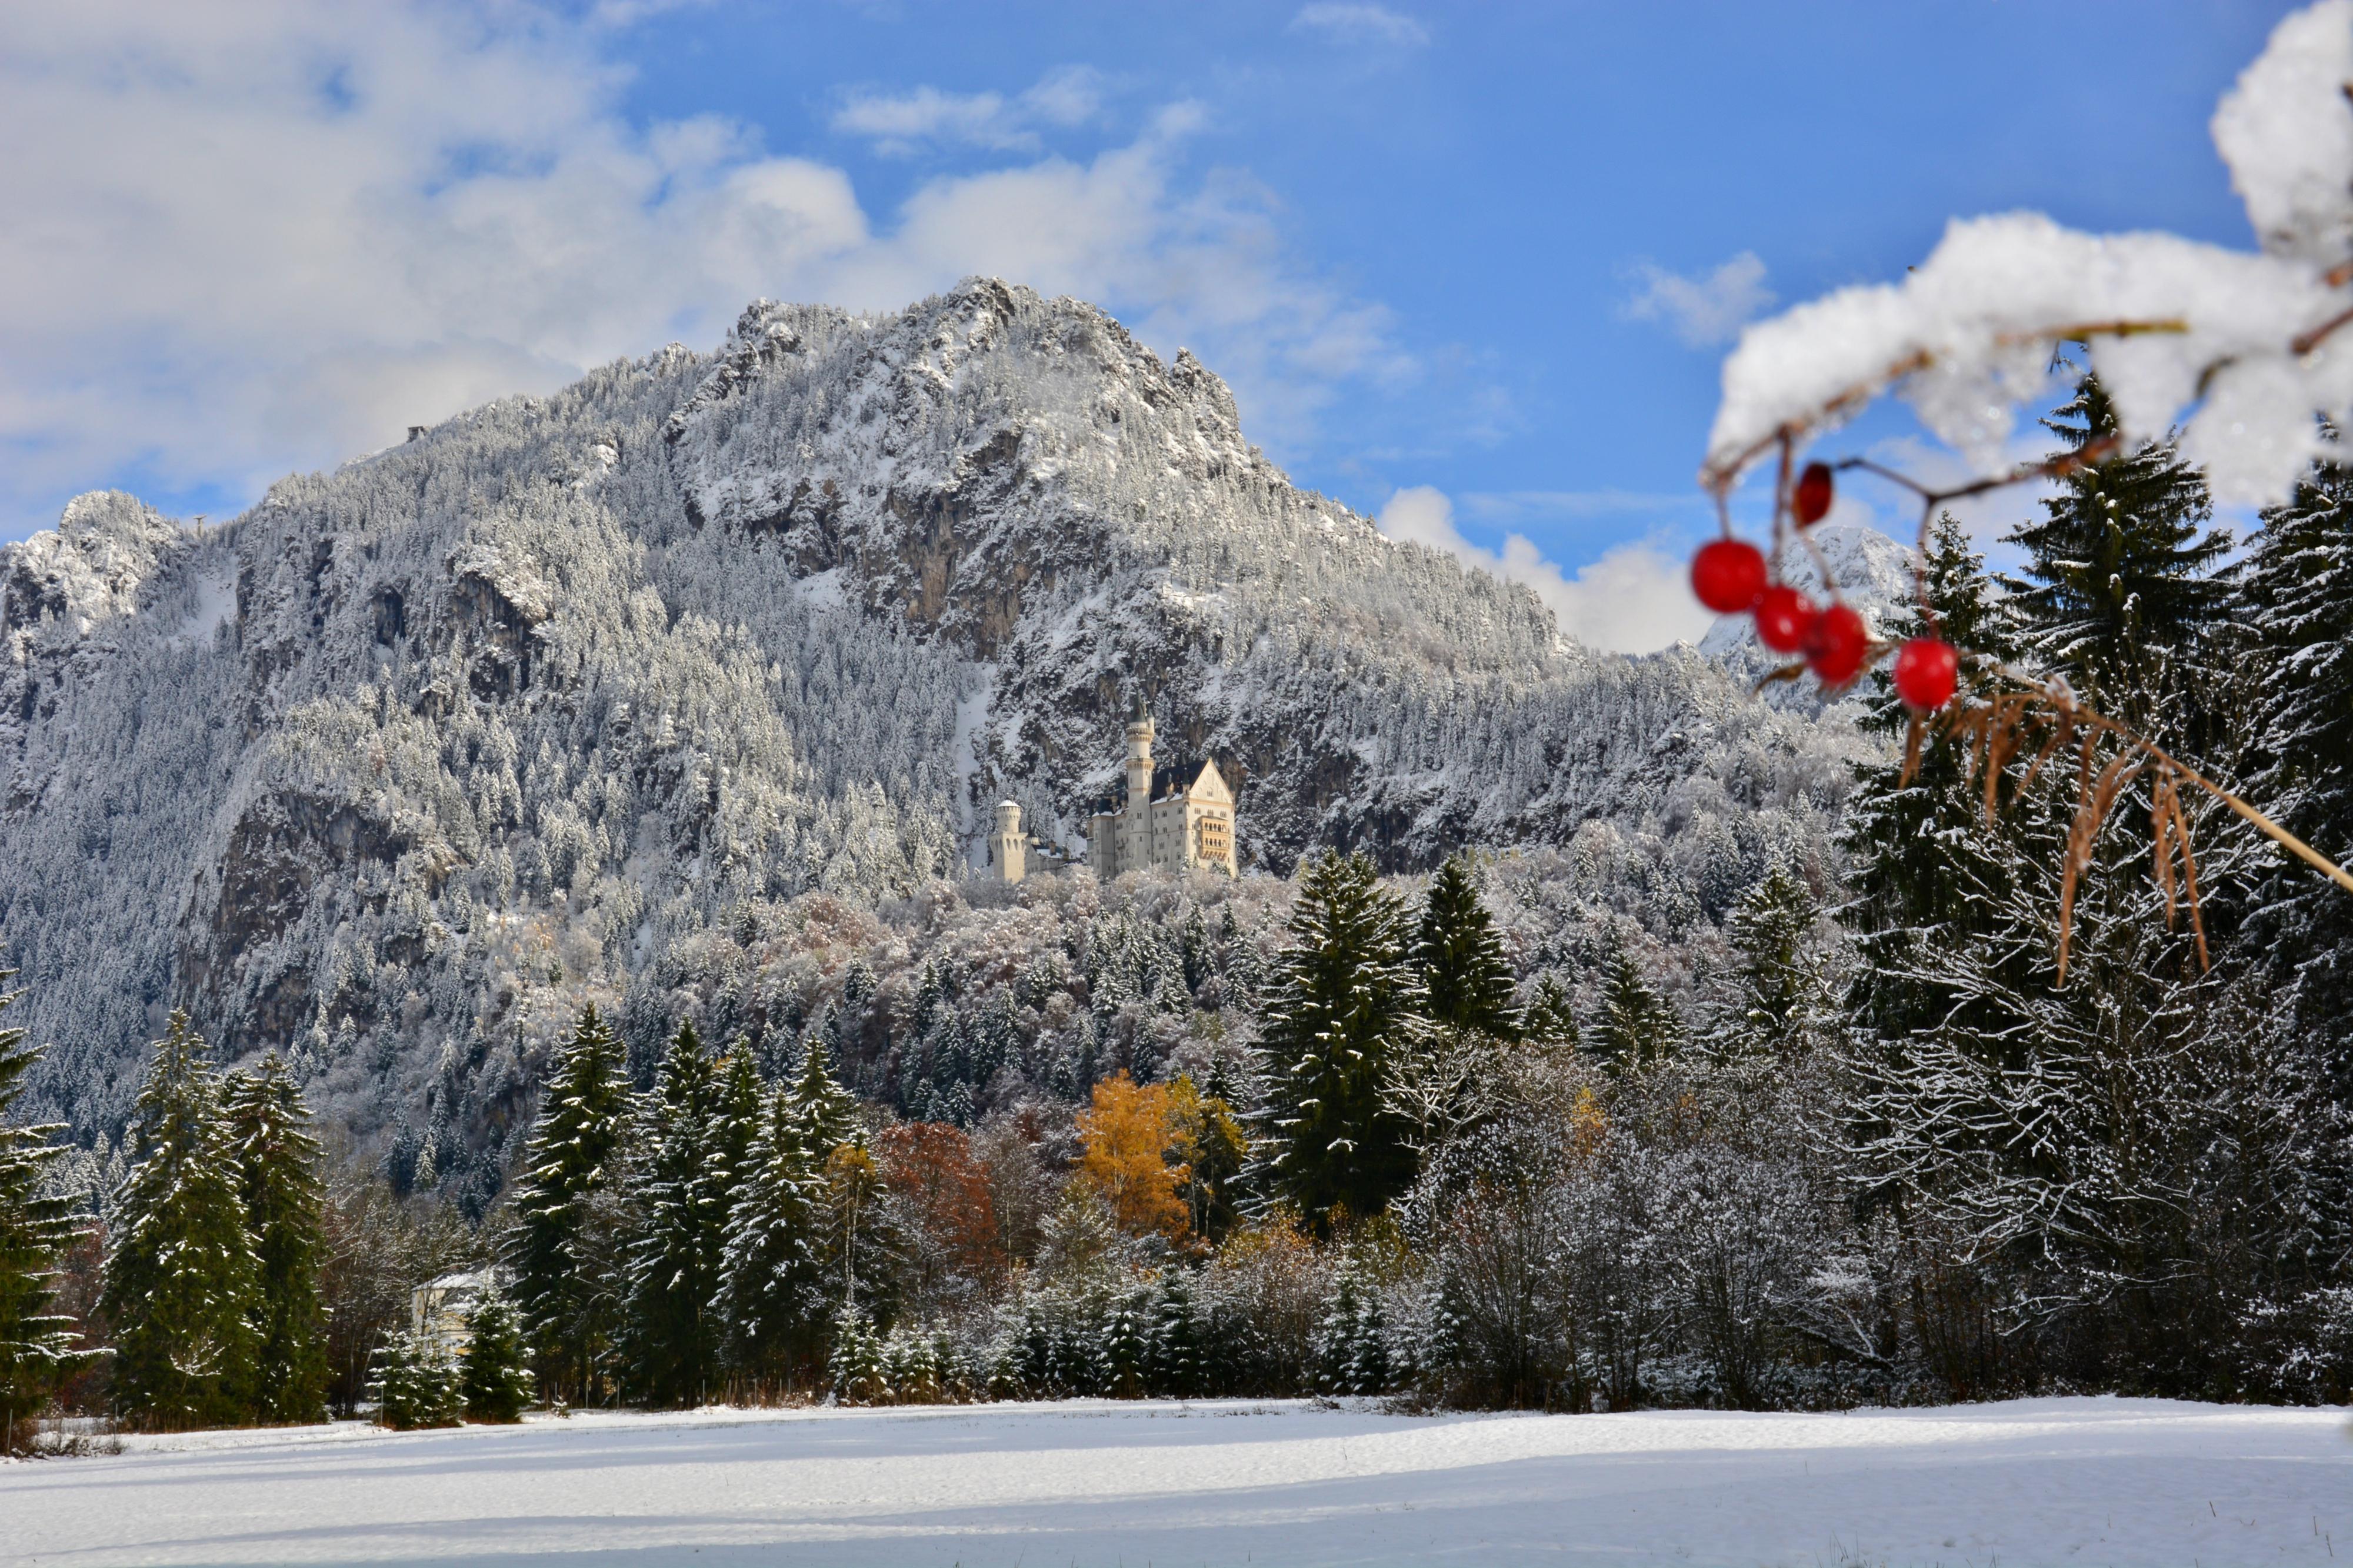 B0105 Winterzauber am Schloss Neuschwanstein.jpg